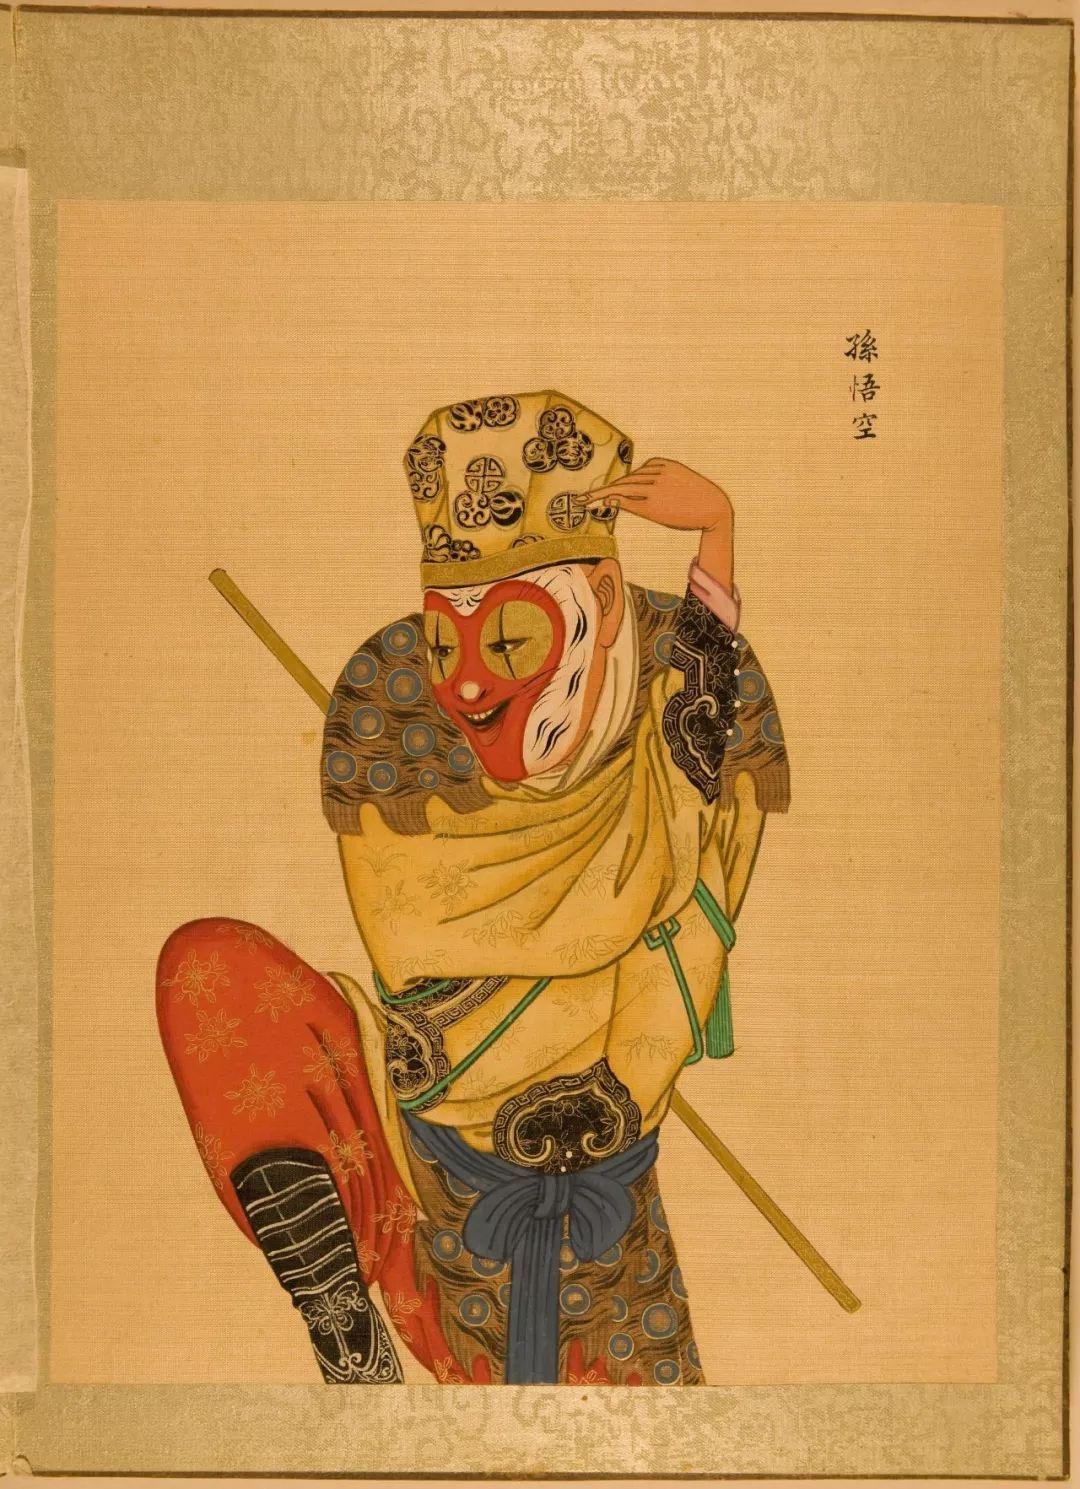 京剧的生旦净丑照片 传统的东西有多美,看到这些我才明白